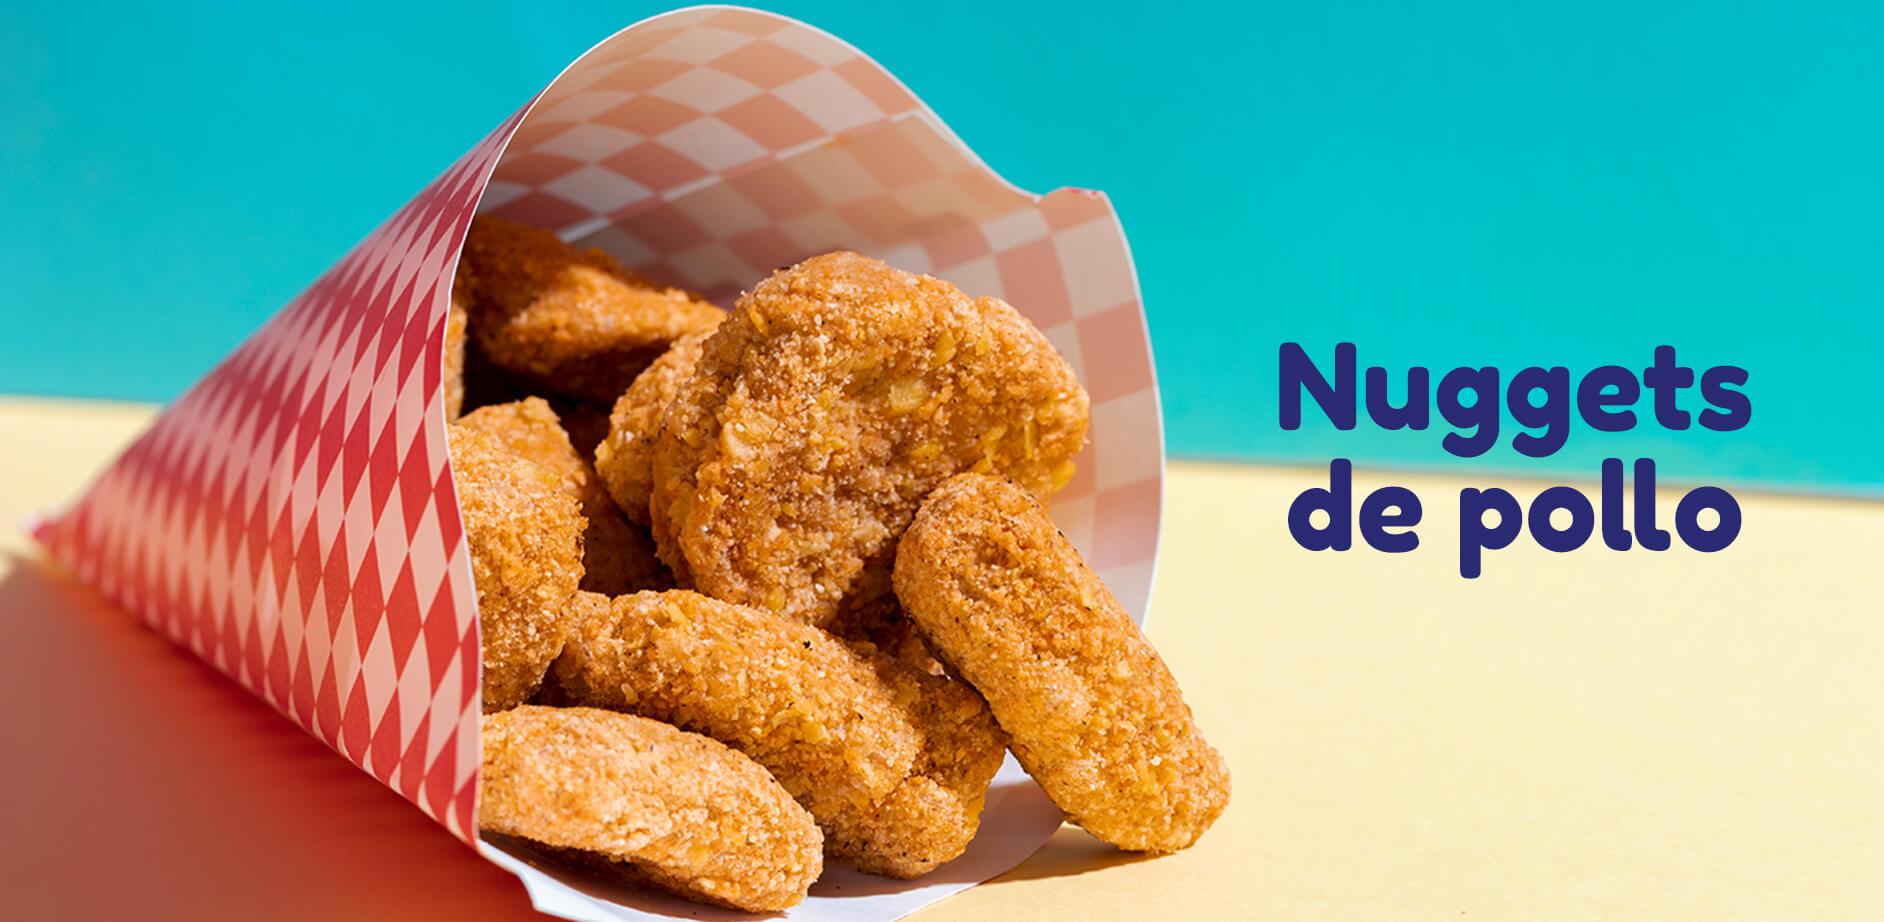 Te daremos tu propia recetas que para hagas nuggets de pollo cuando se les antojen. Son fáciles y rápidos de hacer.